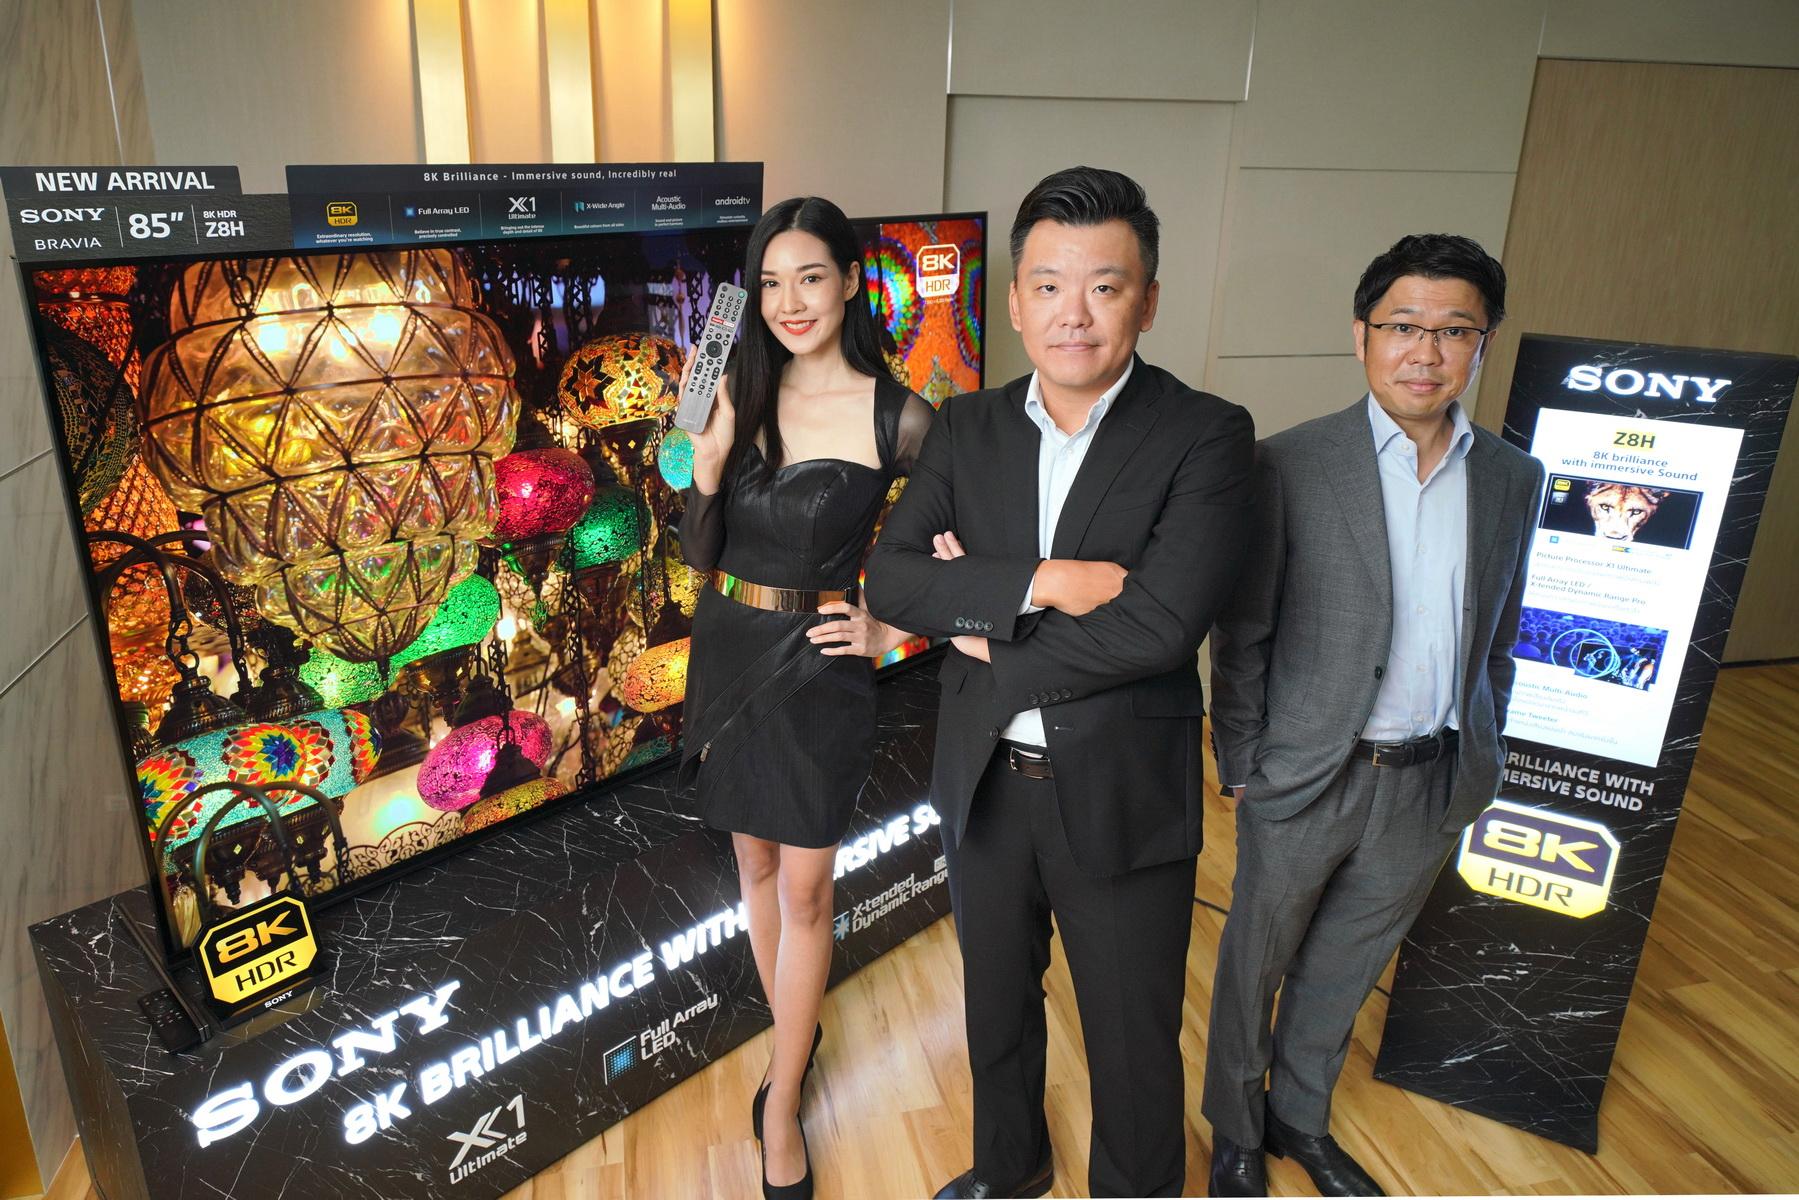 โซนี่ไทย เขย่าวงการทีวี สร้างประสบการณ์บันเทิงภาพและเสียงสมบูรณ์แบบ เปิดตัวทีวีบราเวีย 8K ครั้งแรกในไทย พร้อมทีวีบราเวีย 4K ระดับเรือธงรุ่นล่าสุด X9500H